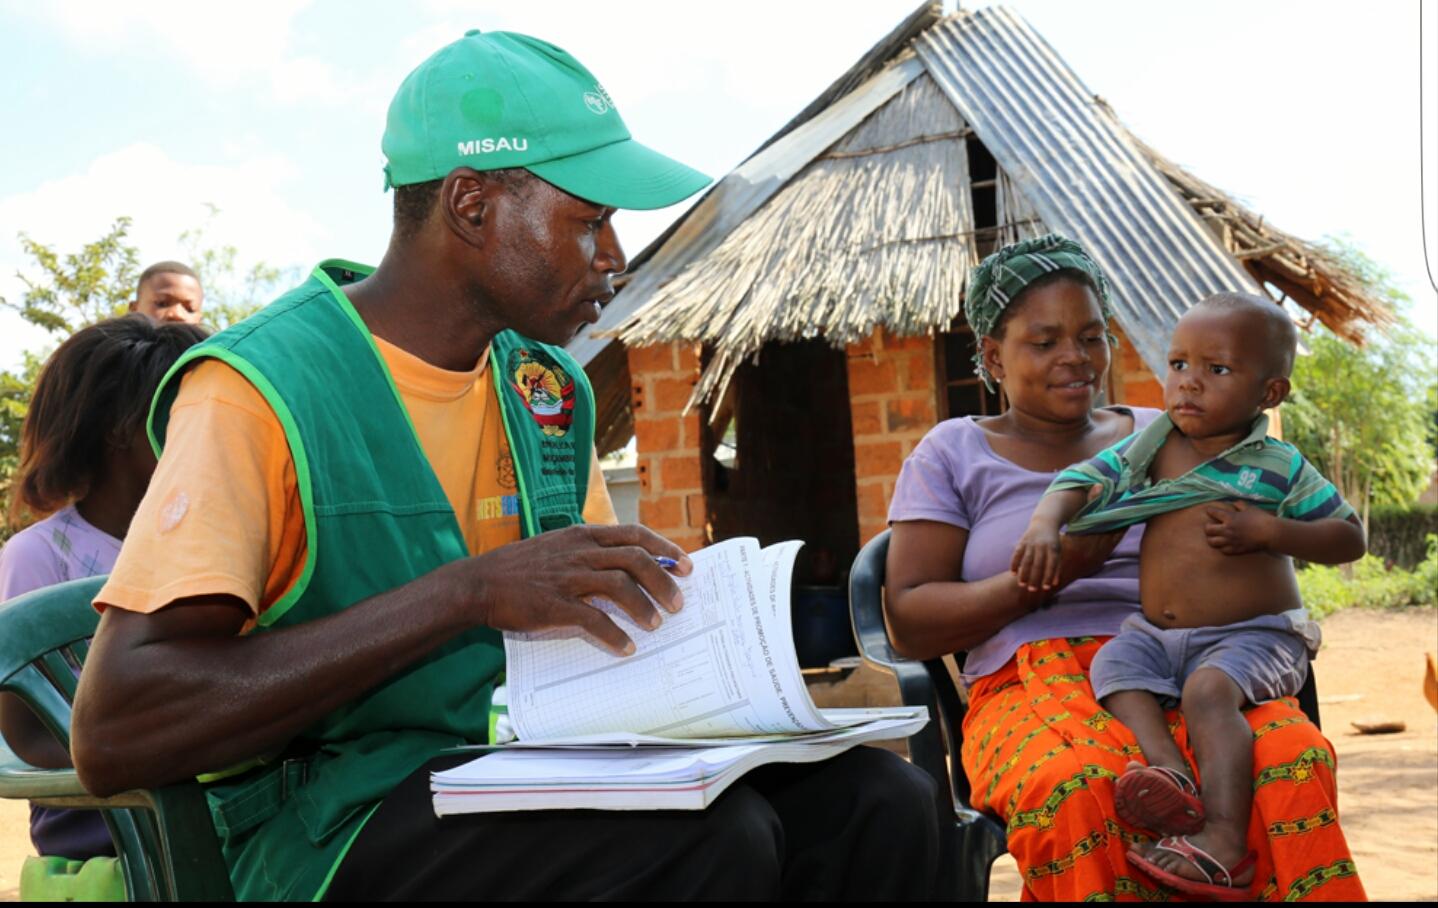 As famílias e a promoção da paz e desenvolvimento da sociedade